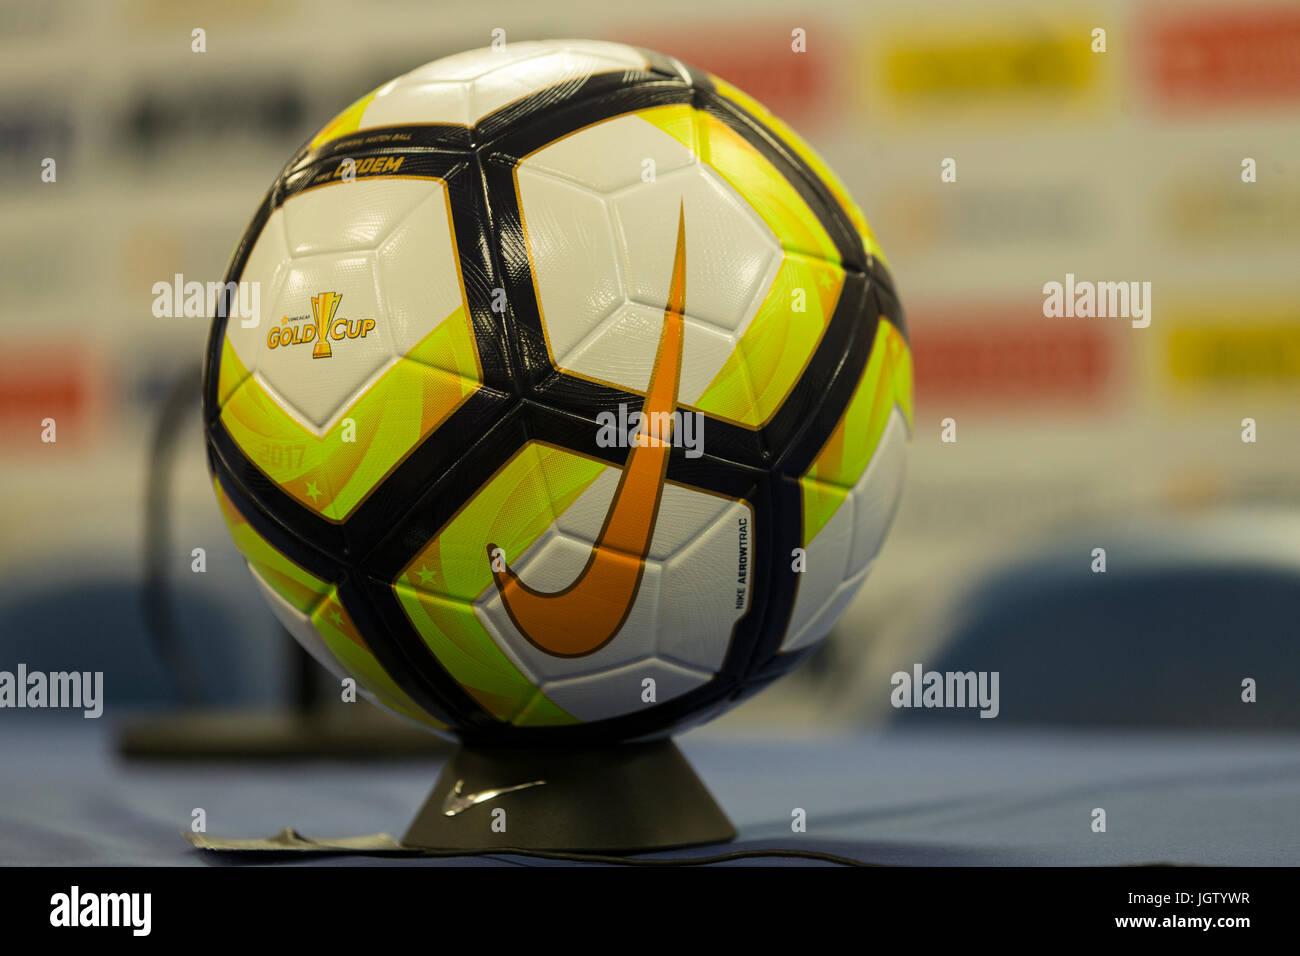 Nike Ball Imágenes De Stock   Nike Ball Fotos De Stock - Alamy 785338178c061